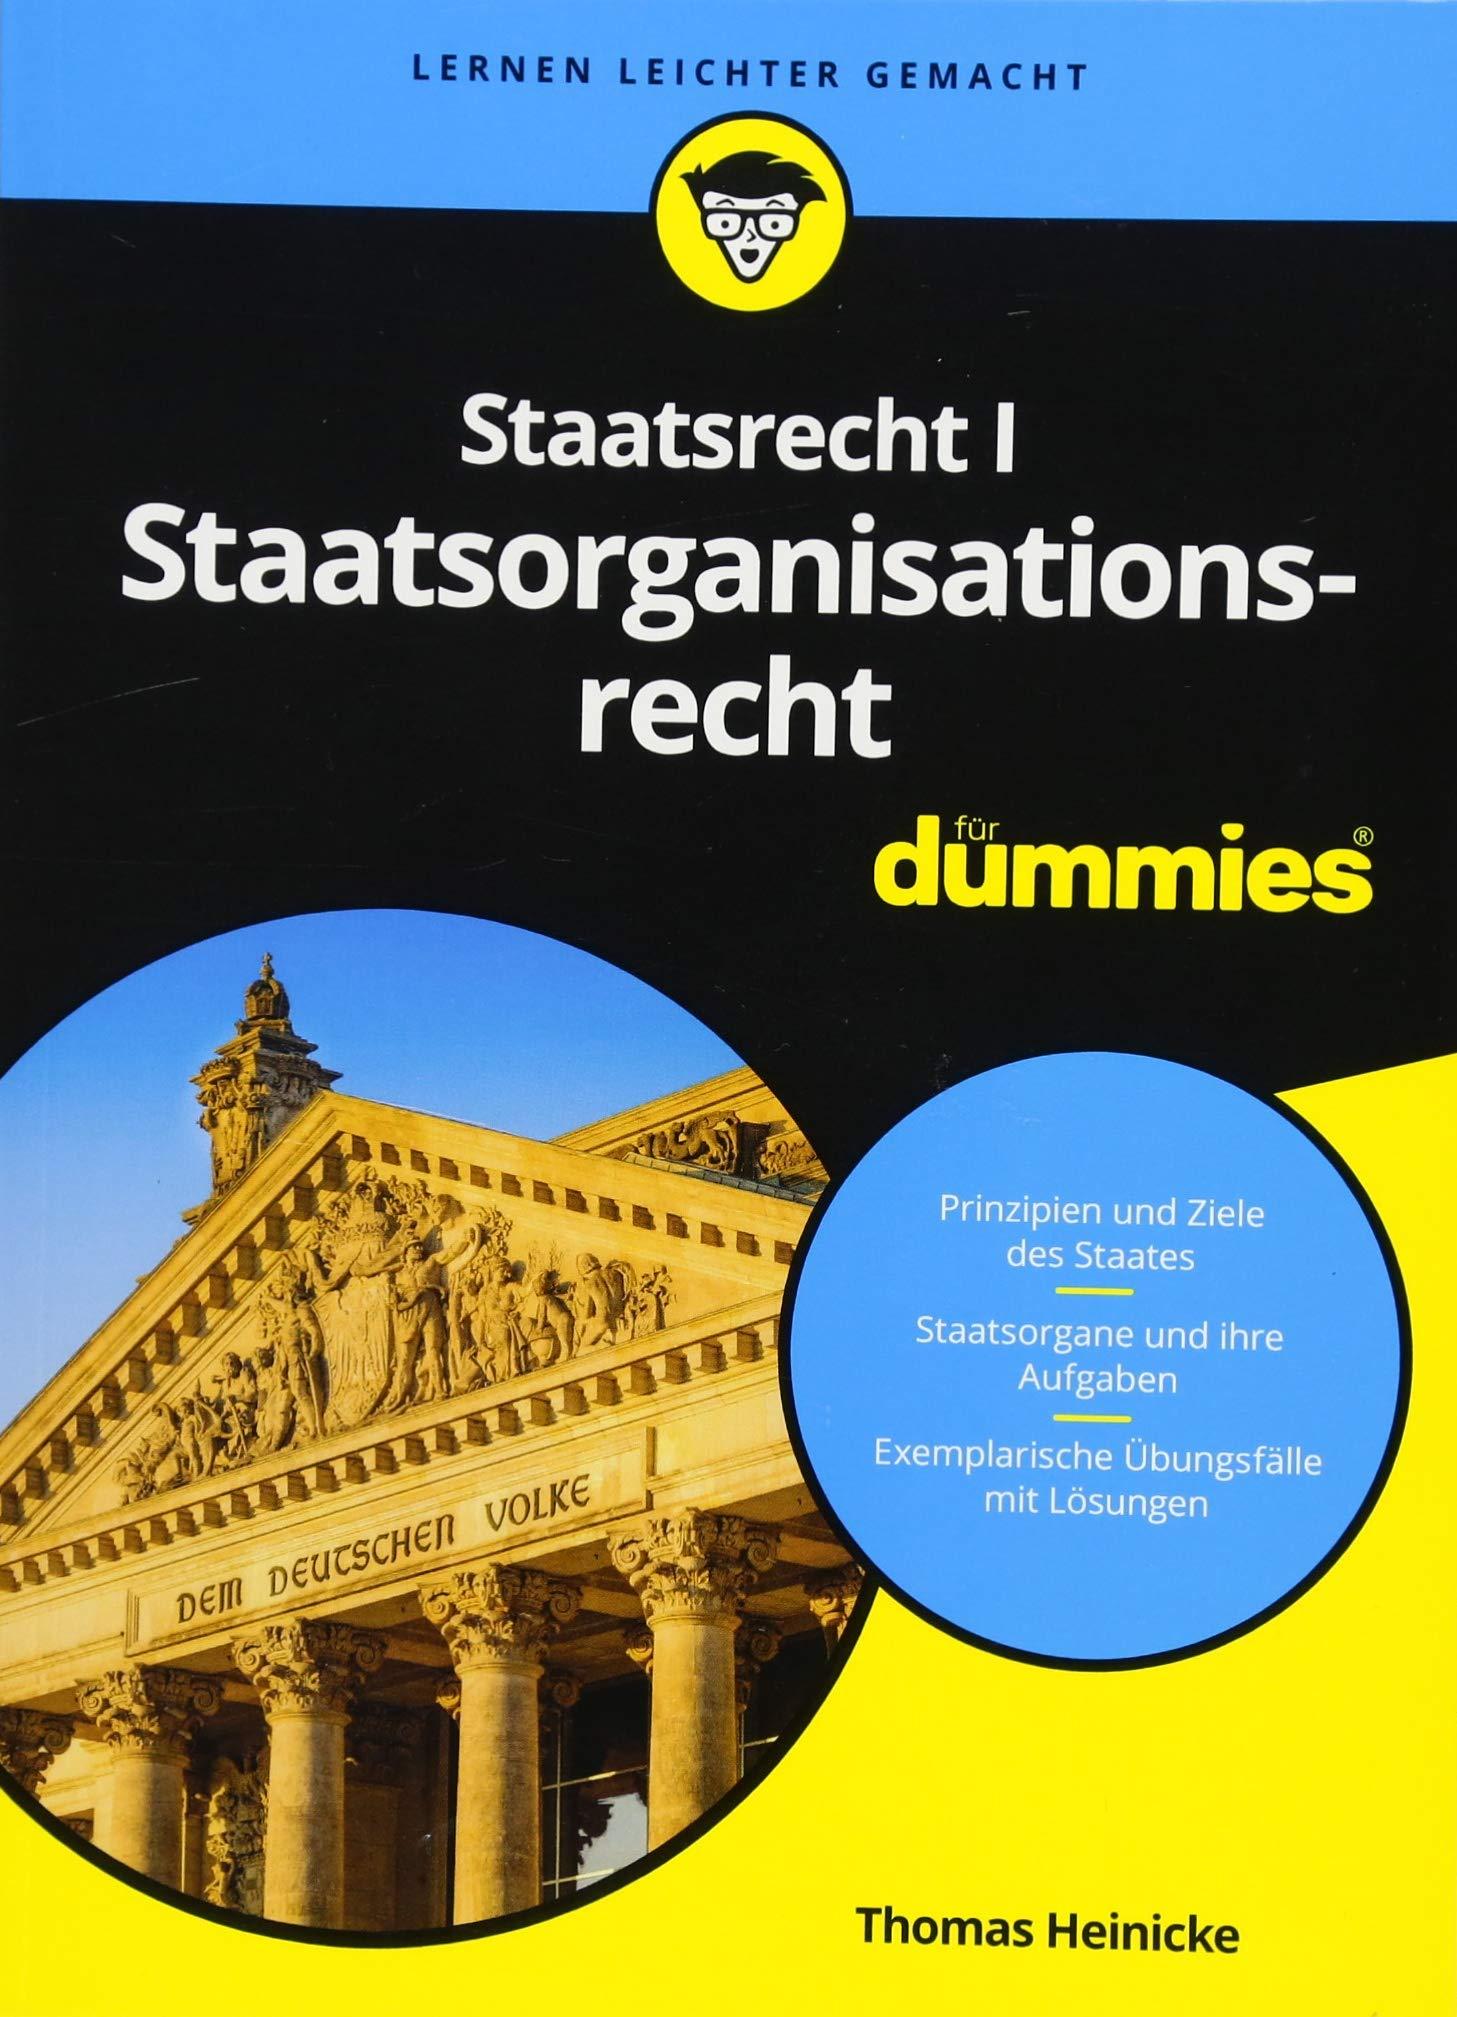 Staatsrecht I Staatsorganisationsrecht für Dummies Taschenbuch – 14. Februar 2018 Thomas Heinicke Wiley-VCH 3527713107 LAW / Jurisprudence